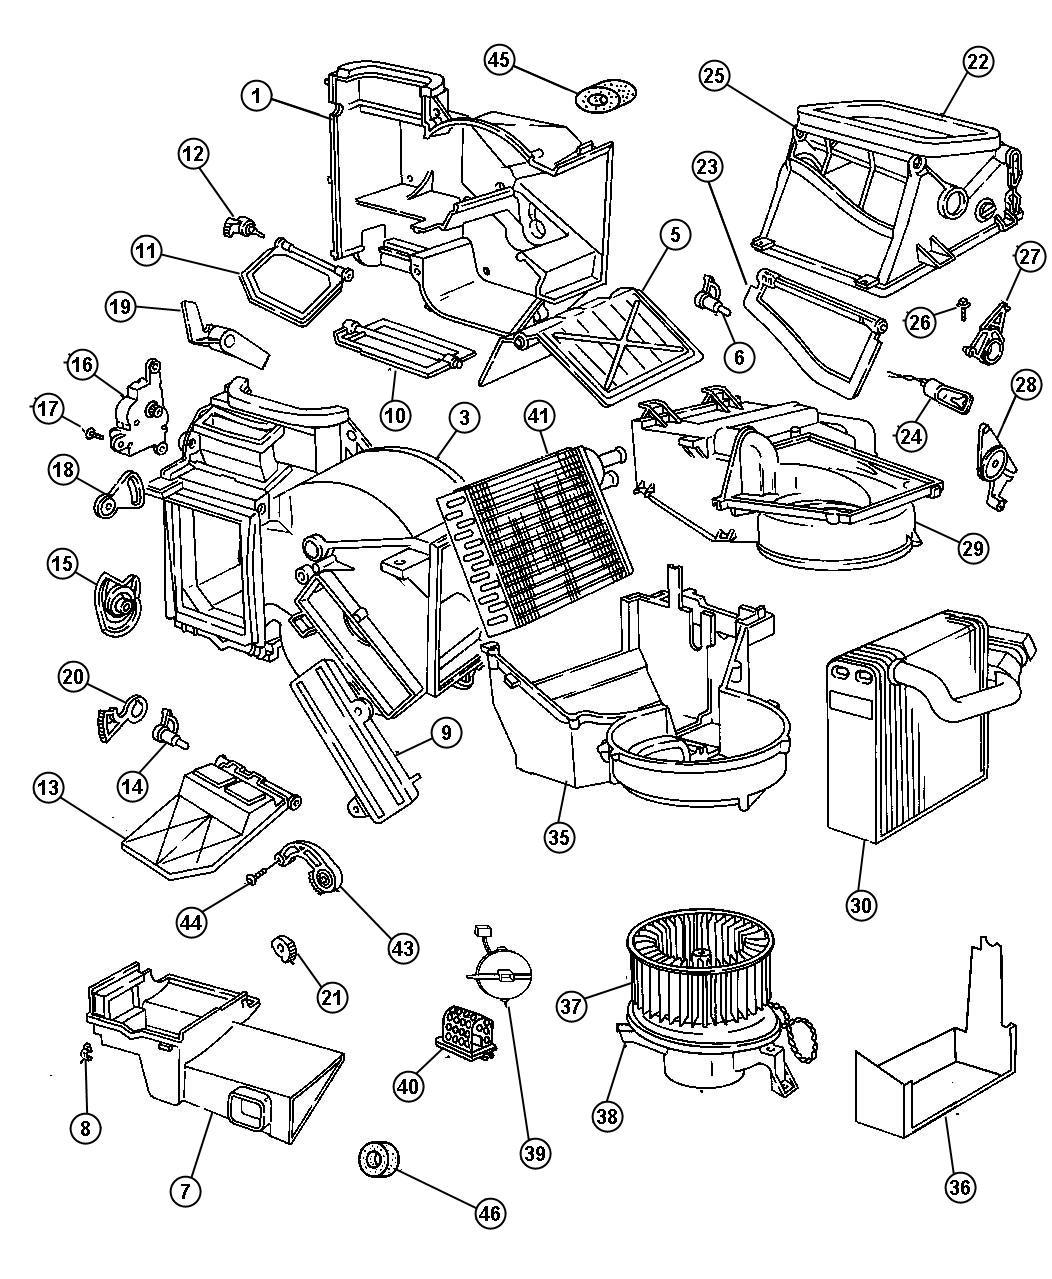 Dodge Stratus Evaporator Air Conditioning